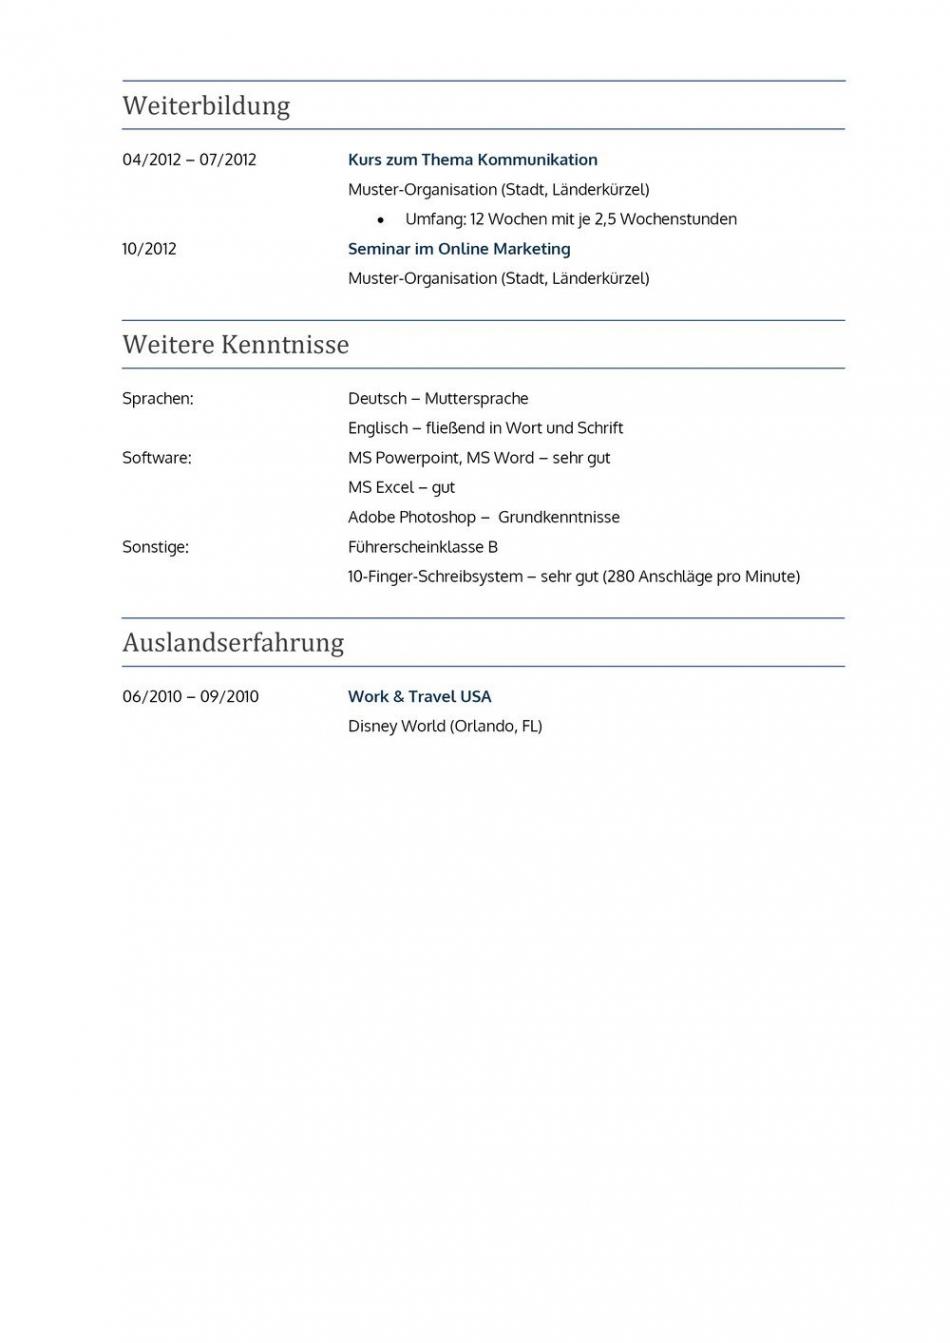 Lebenslauf Muster Für Lehrer  Lebenslauf Designs Vorlage Lebenslauf Referendariat